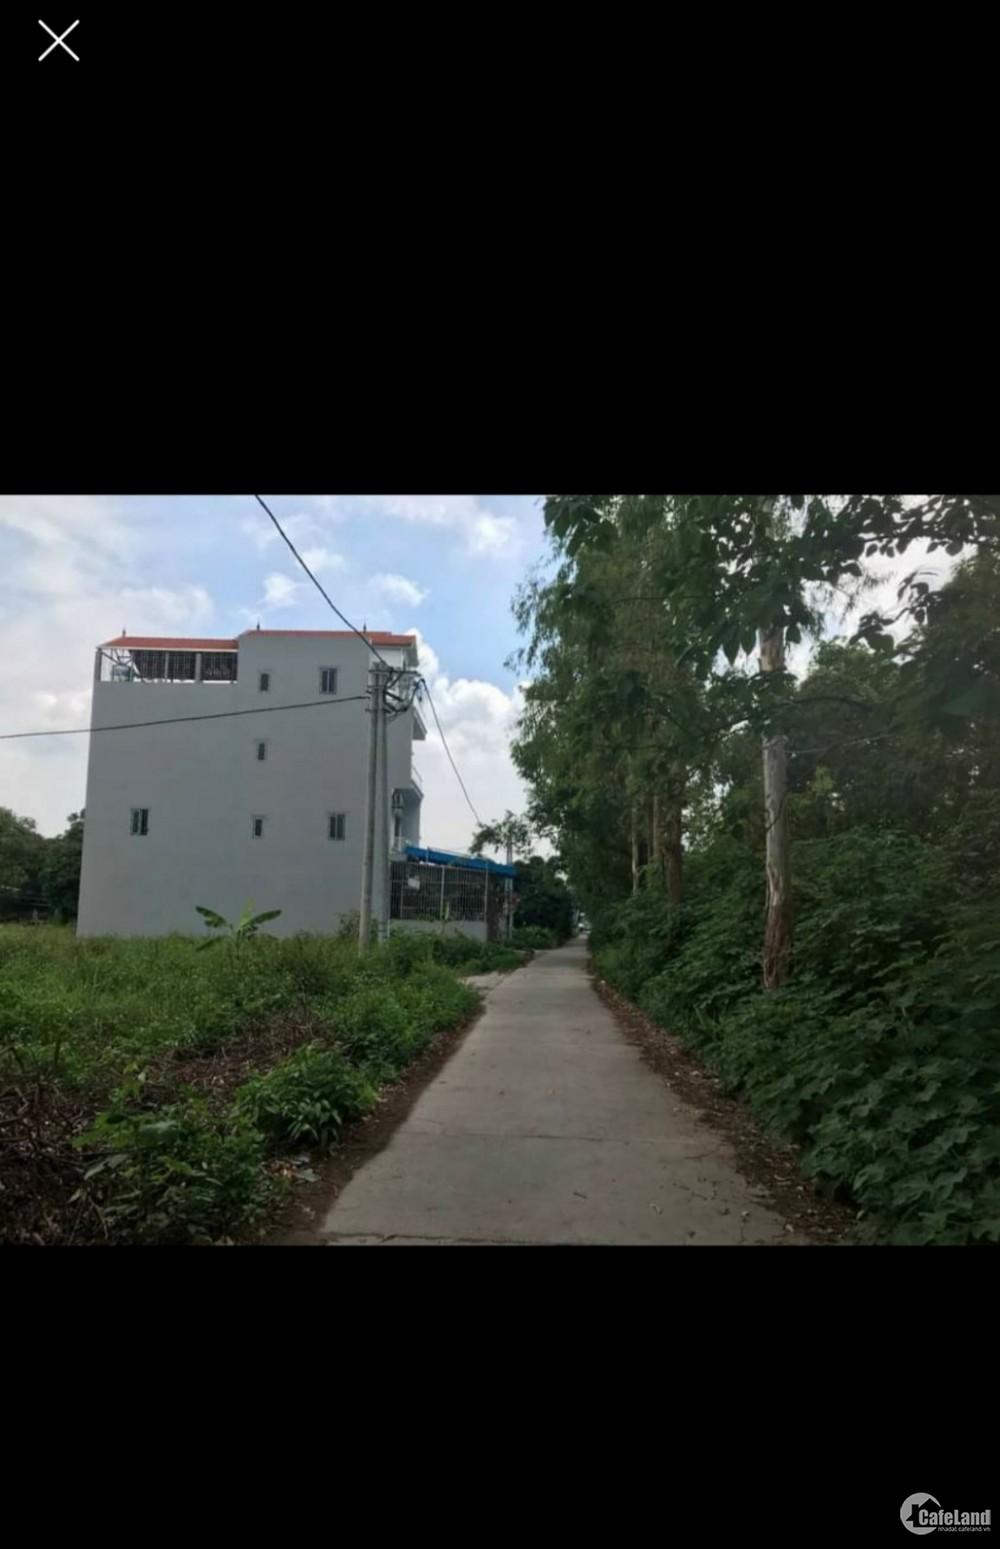 Bán đất Ngọc Lịch - Trưng Trắc - Văn Lâm - HY sát Vinhomes dreamcity Lh